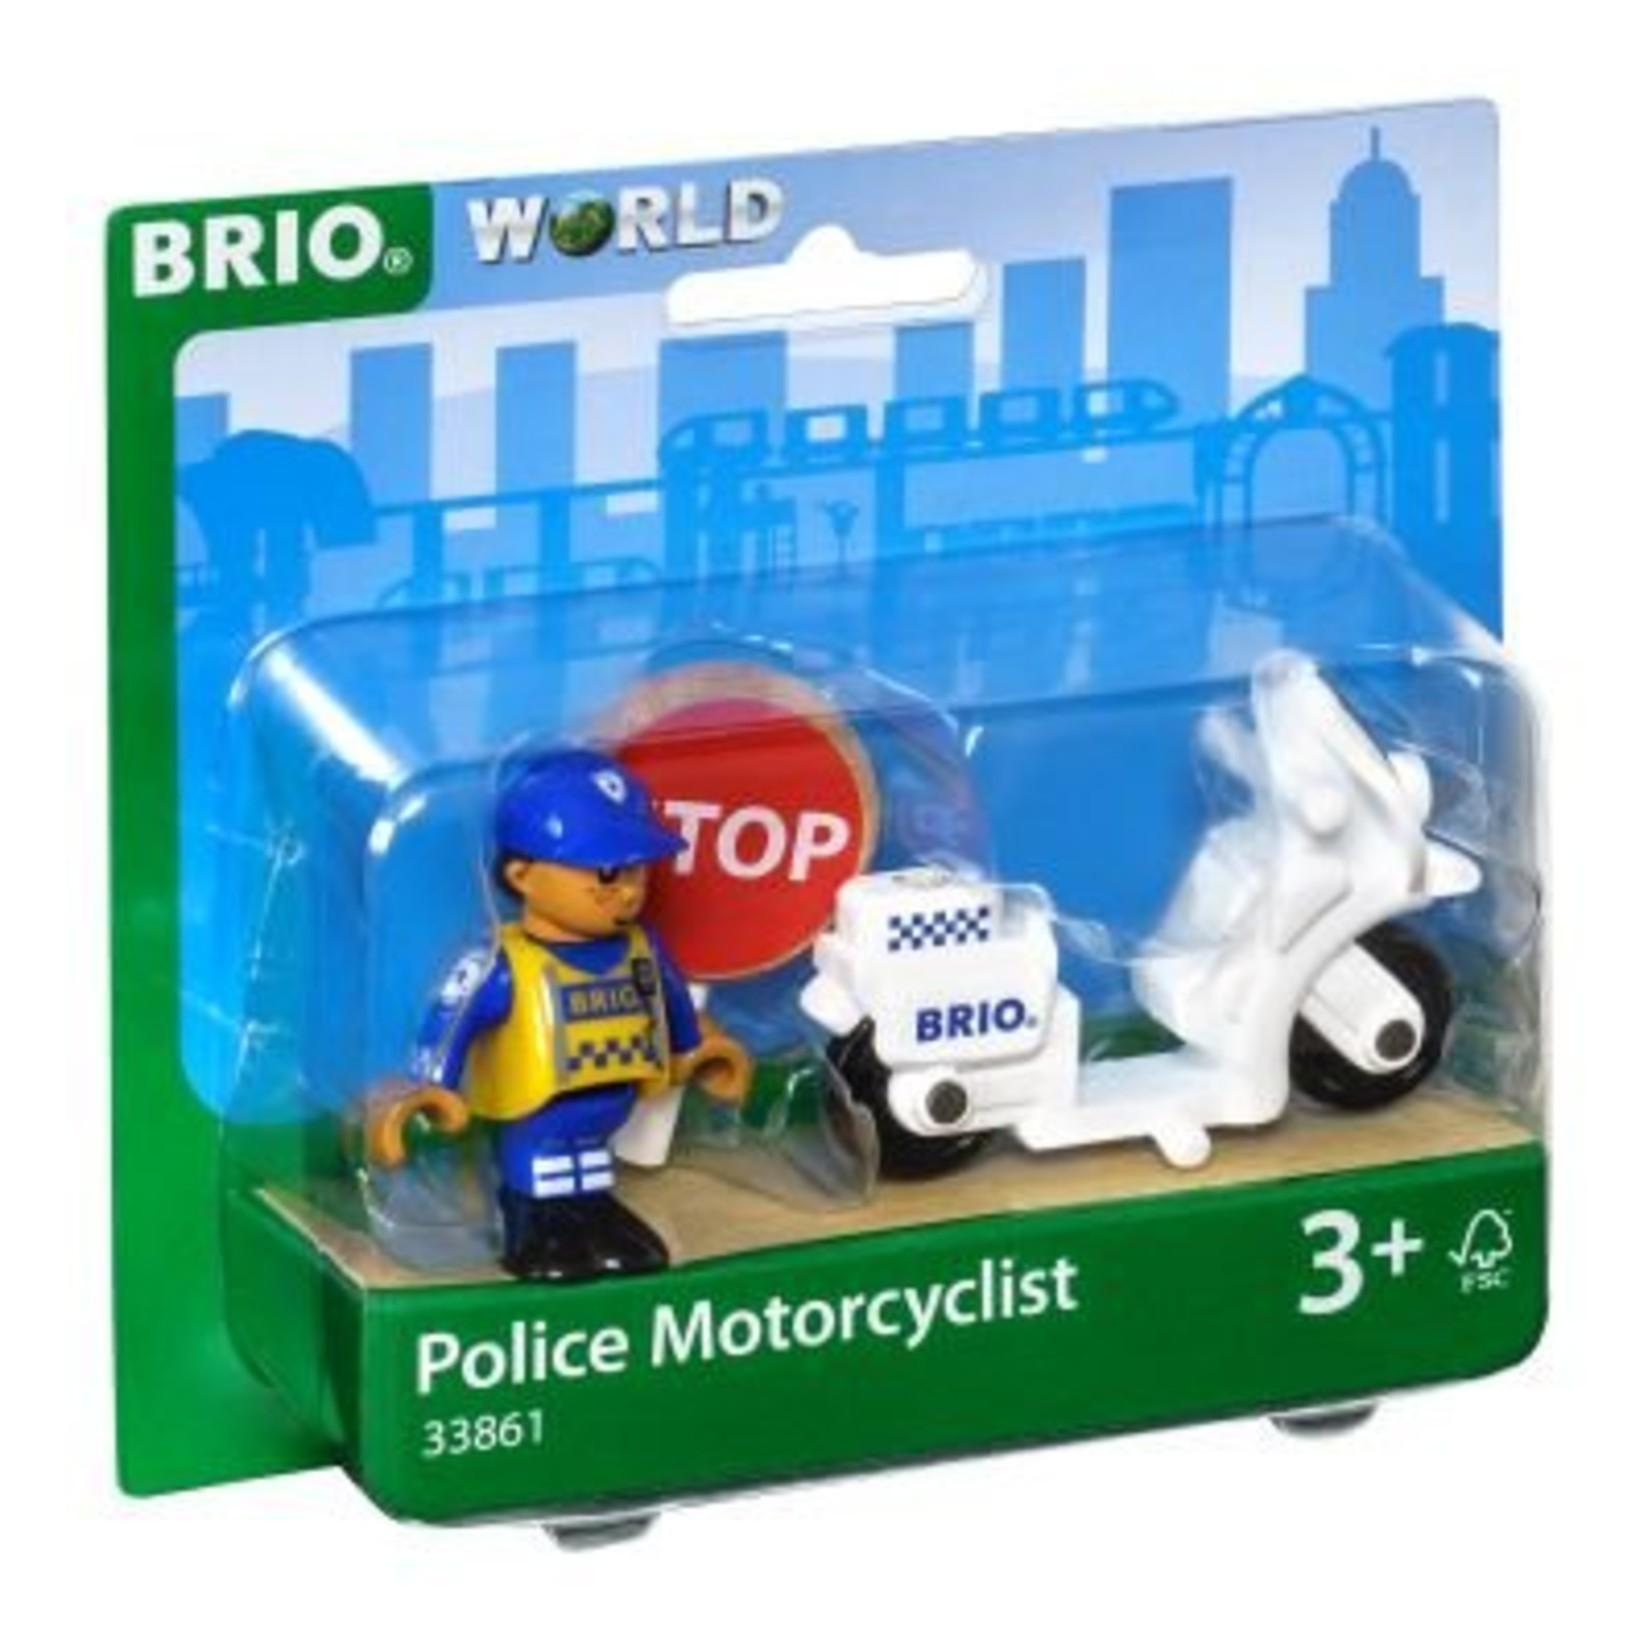 Brio Police Motorcycle